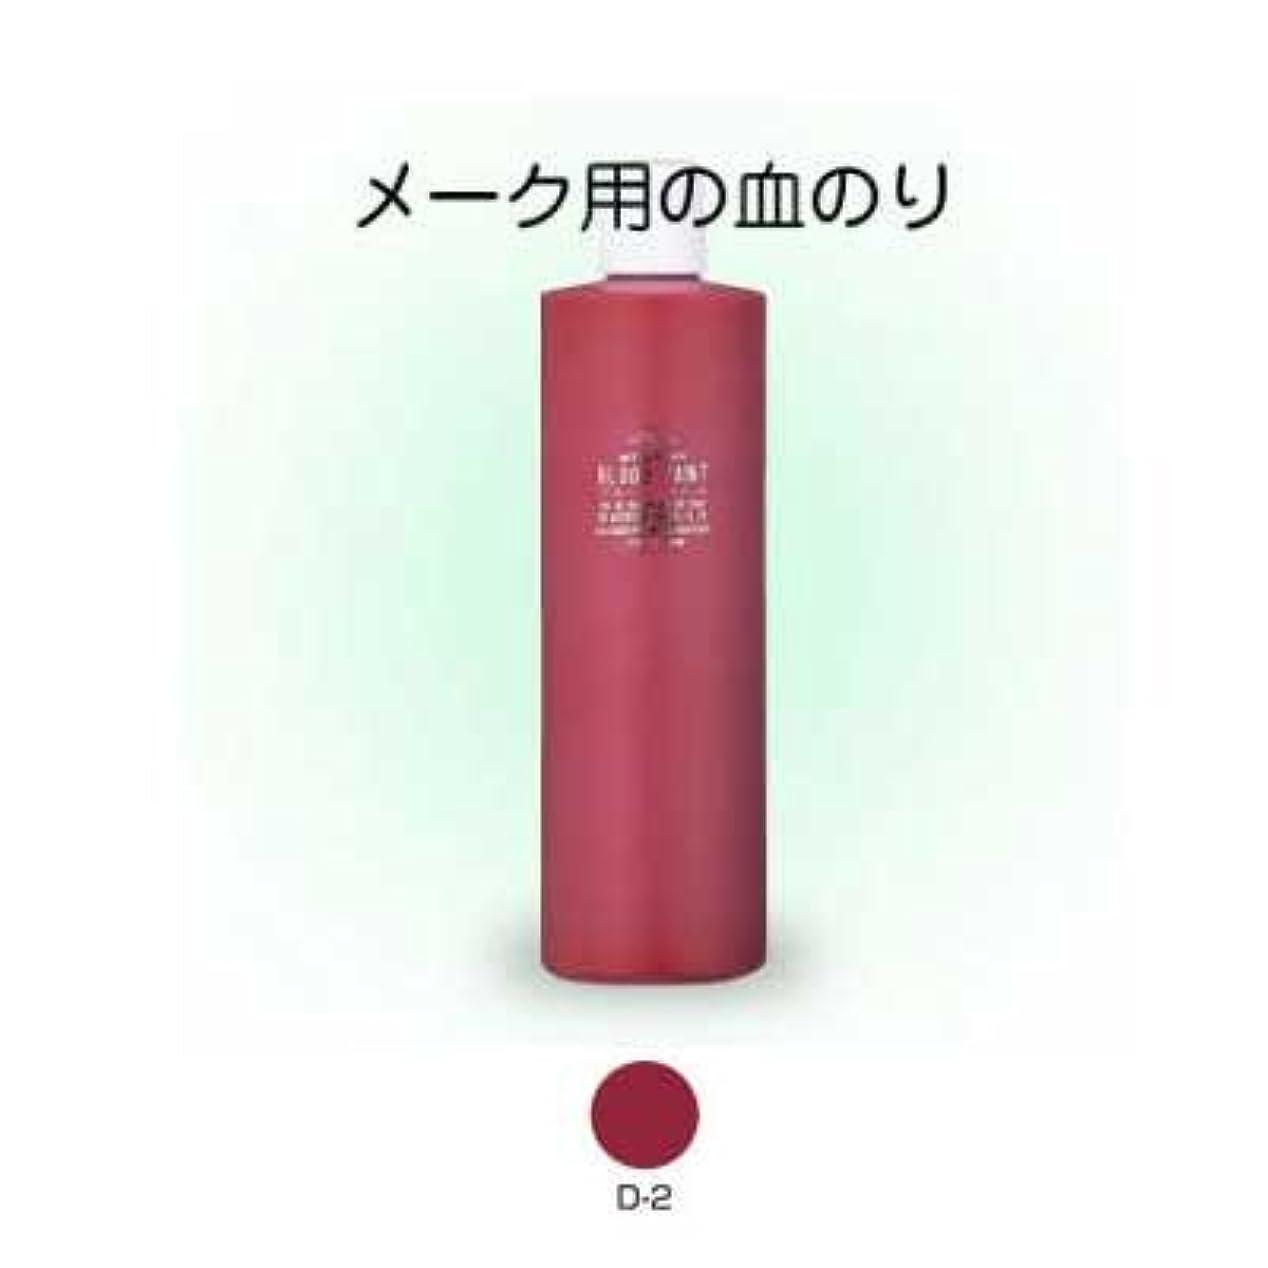 後世セラフシュリンクブロードペイント(メークアップ用の血のり)500ml D-2【三善】